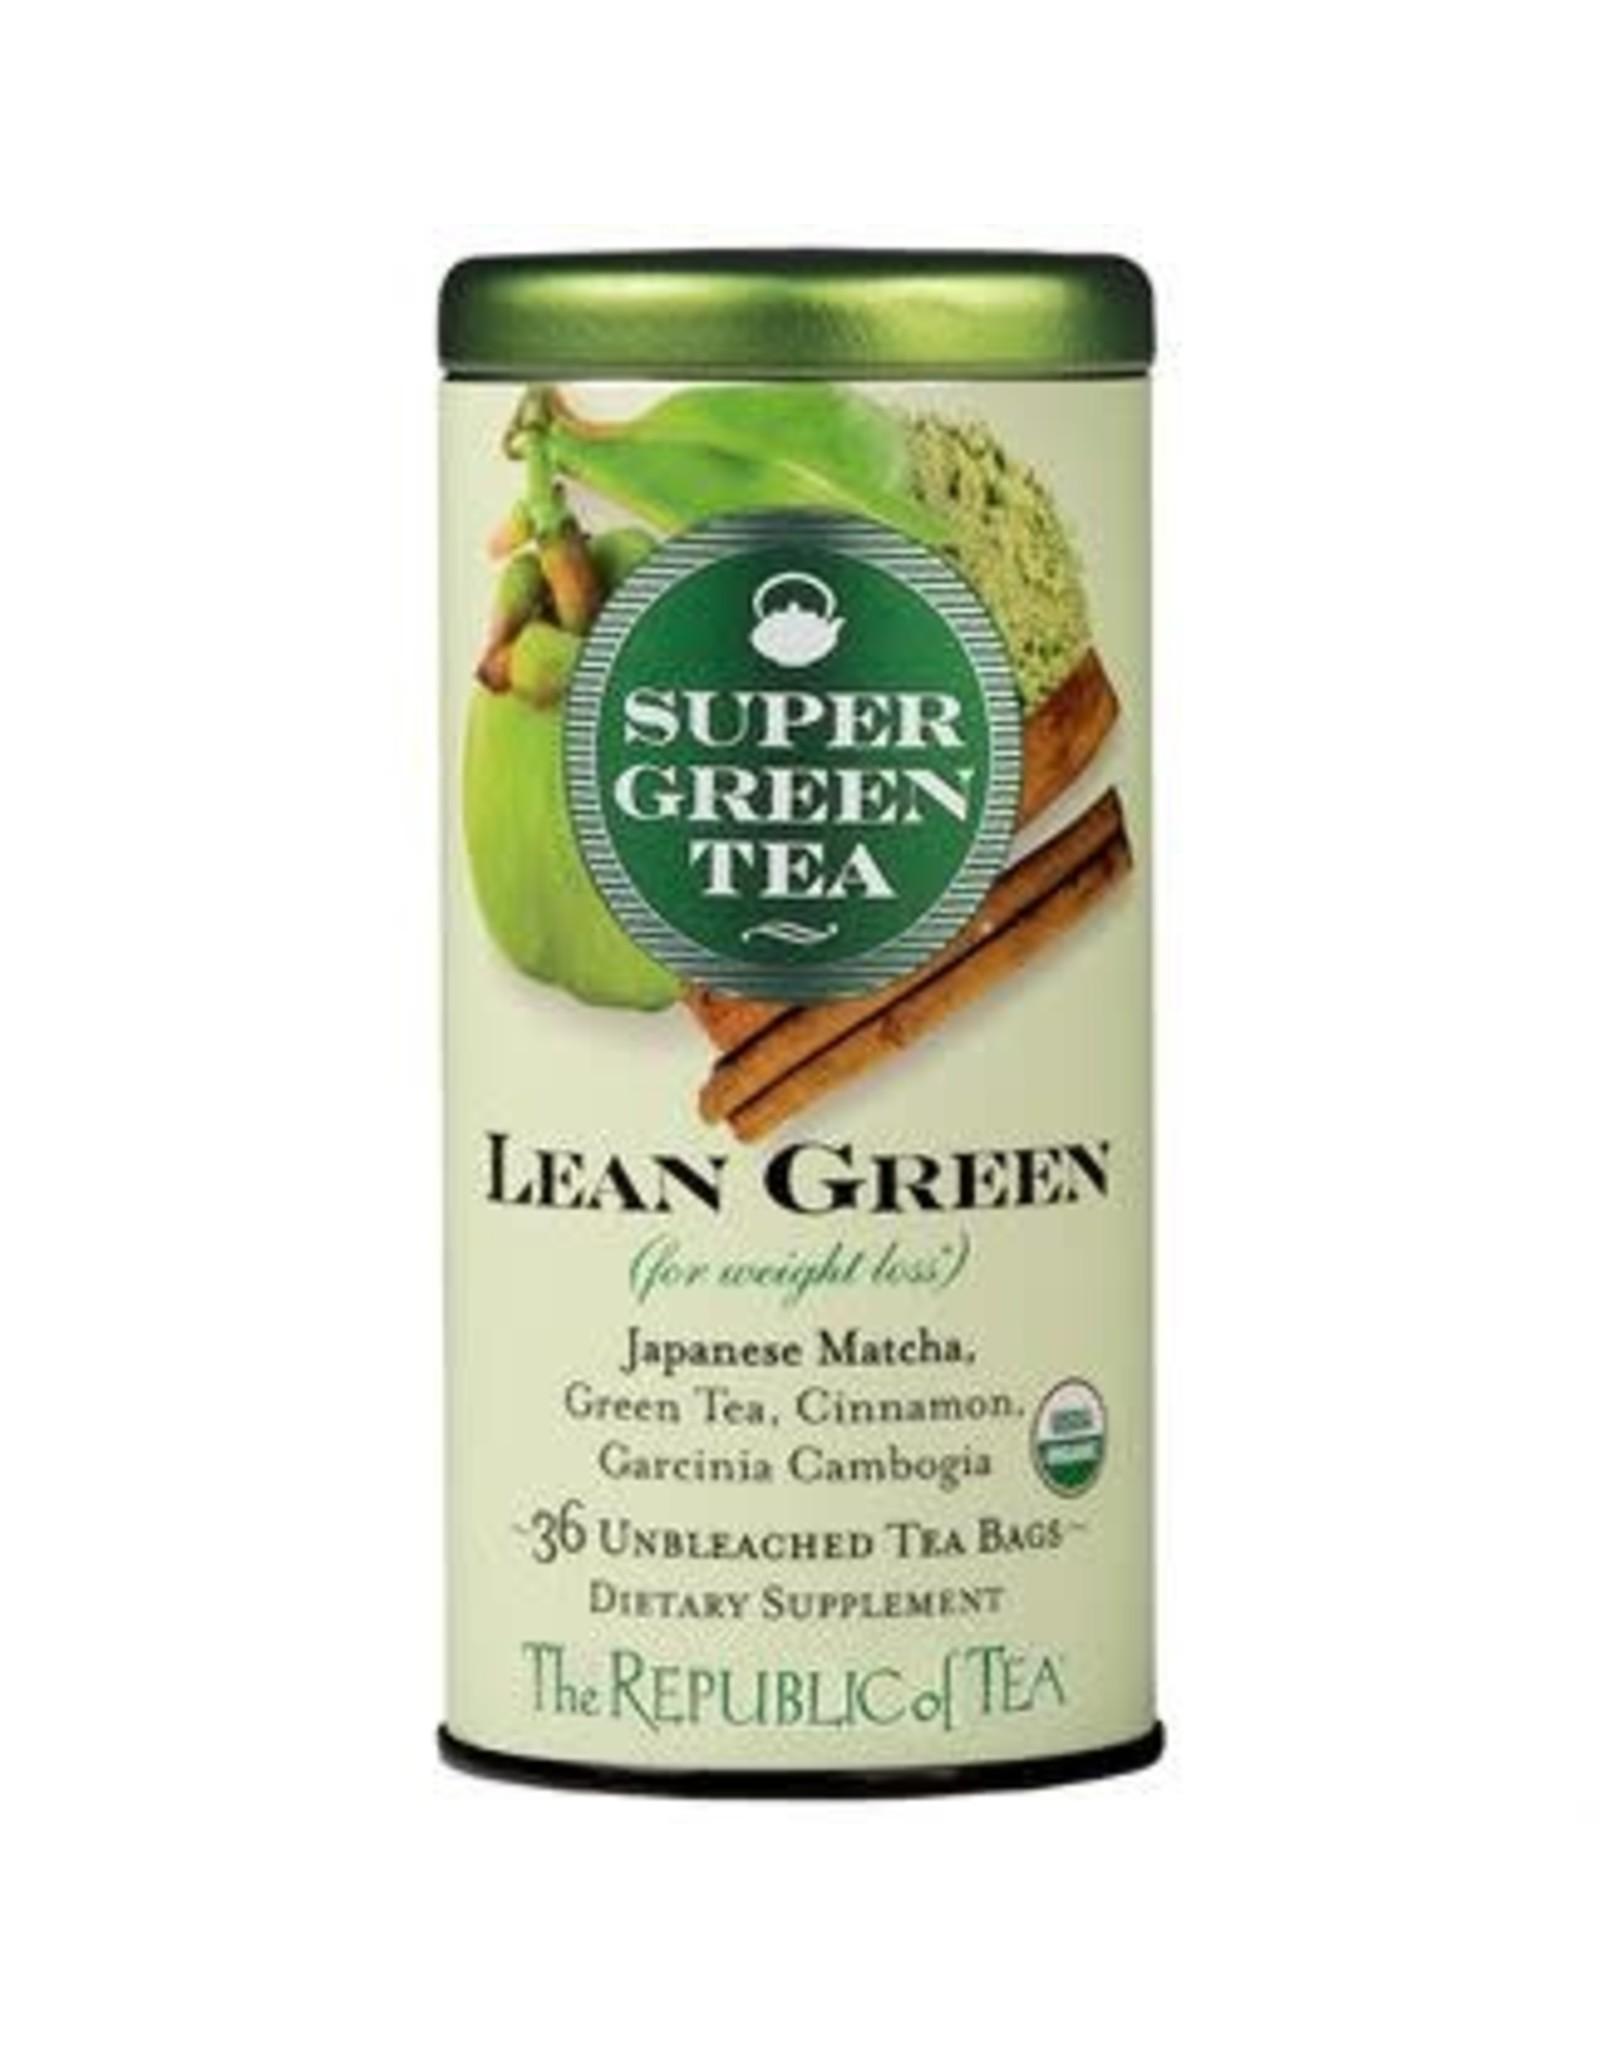 Republic of Tea SUPER GREEN LEAN GREEN TEA